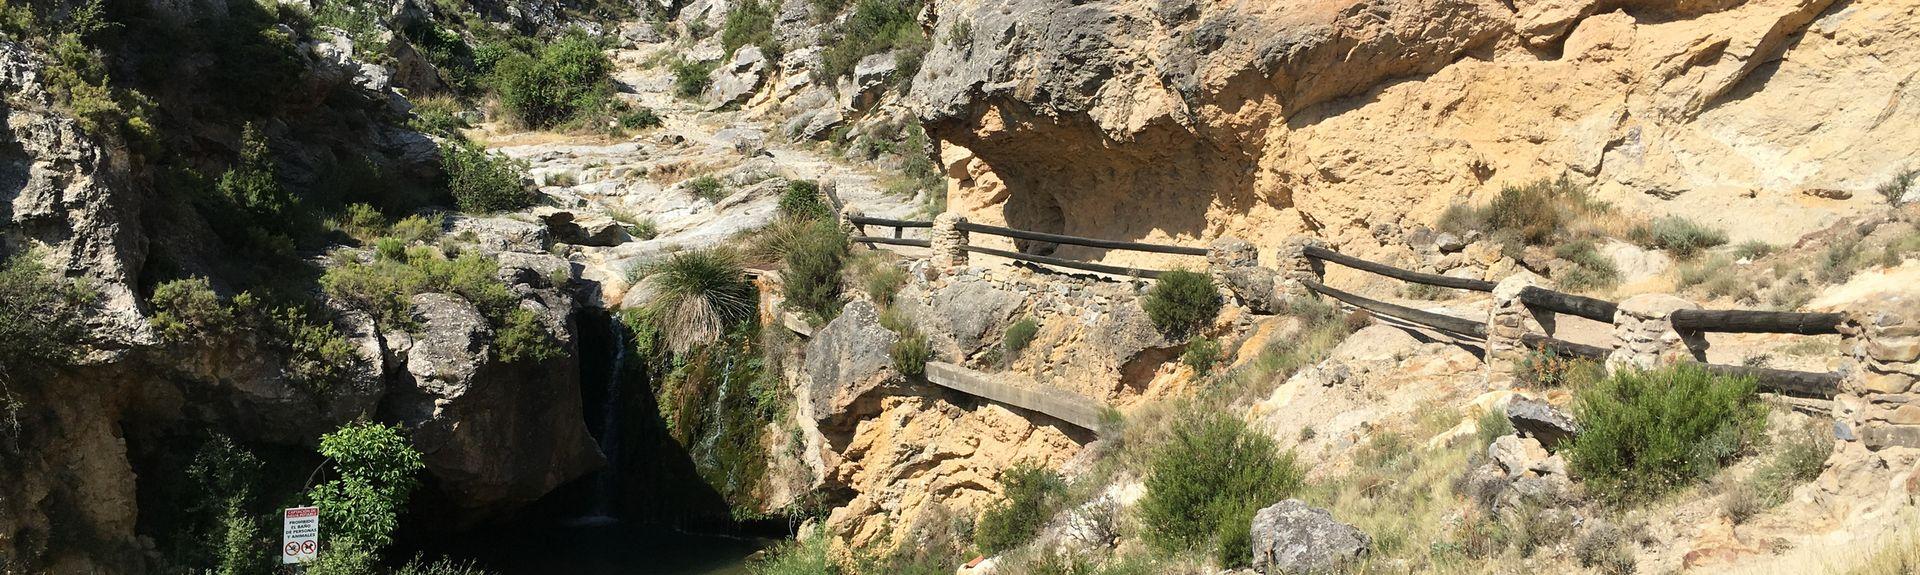 Villar del Rio, Castile and Leon, Spain